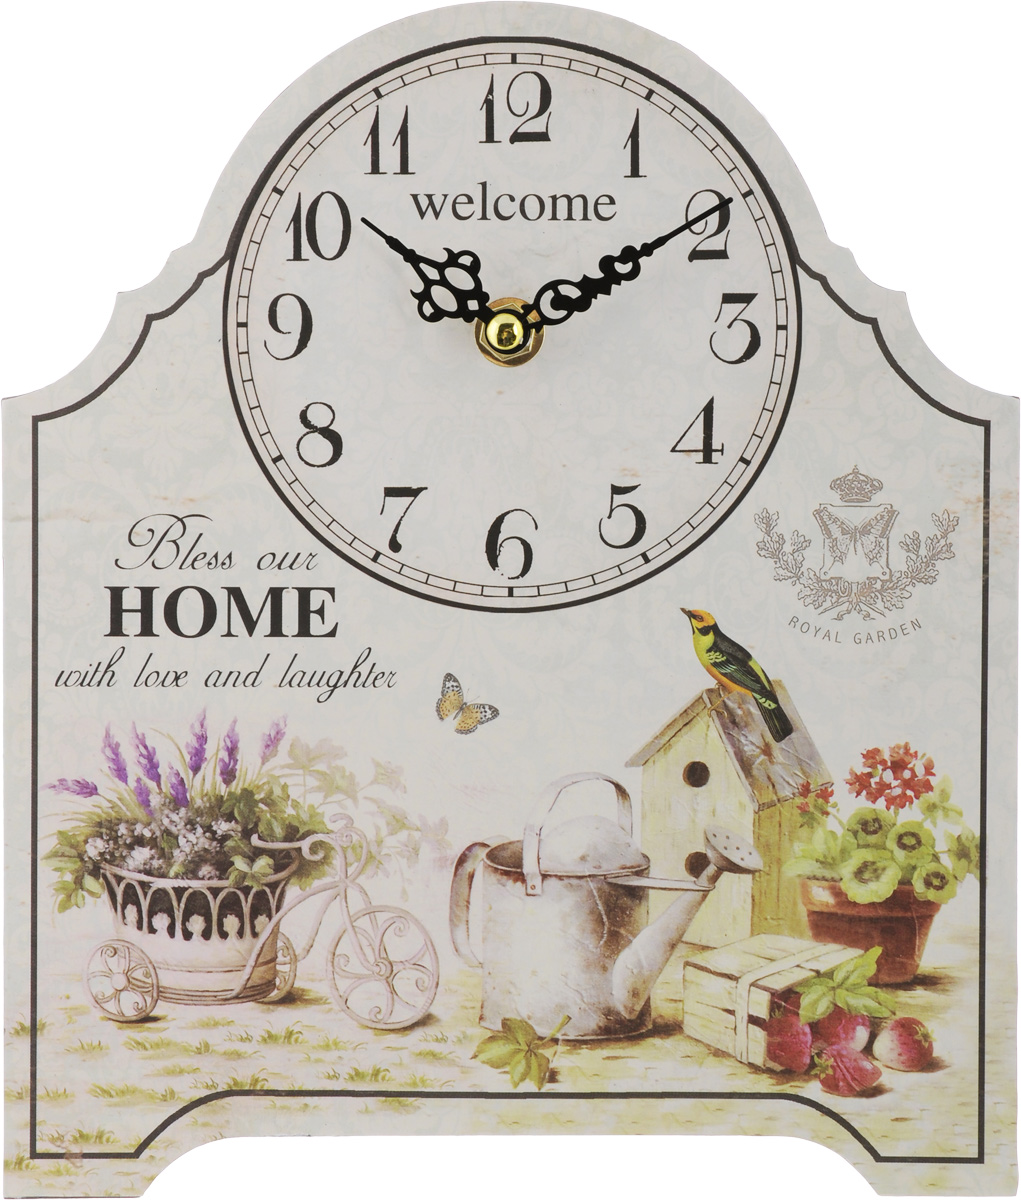 Часы настольные Феникс-Презент Королевский сад, 20 х 24 см40723Настольные часы Феникс-Презент Королевский сад своим эксклюзивным дизайном подчеркнут оригинальность интерьера вашего дома.Часы выполнены из МДФ. МДФ (мелкодисперсные фракции) представляет собой плиту из запрессованной вакуумным способом деревянной пыли и является наиболее экологически чистым материалом среди себе подобных. Часы имеют две стрелки - часовую и минутную.Настольные часы Феникс-Презент Королевский сад подходят для кухни, гостиной, прихожей или дачи, а также могут стать отличным подарком для друзей и близких. ВНИМАНИЕ!!! Часы работают от сменной батареи типа АА 1,5V (в комплект не входит).